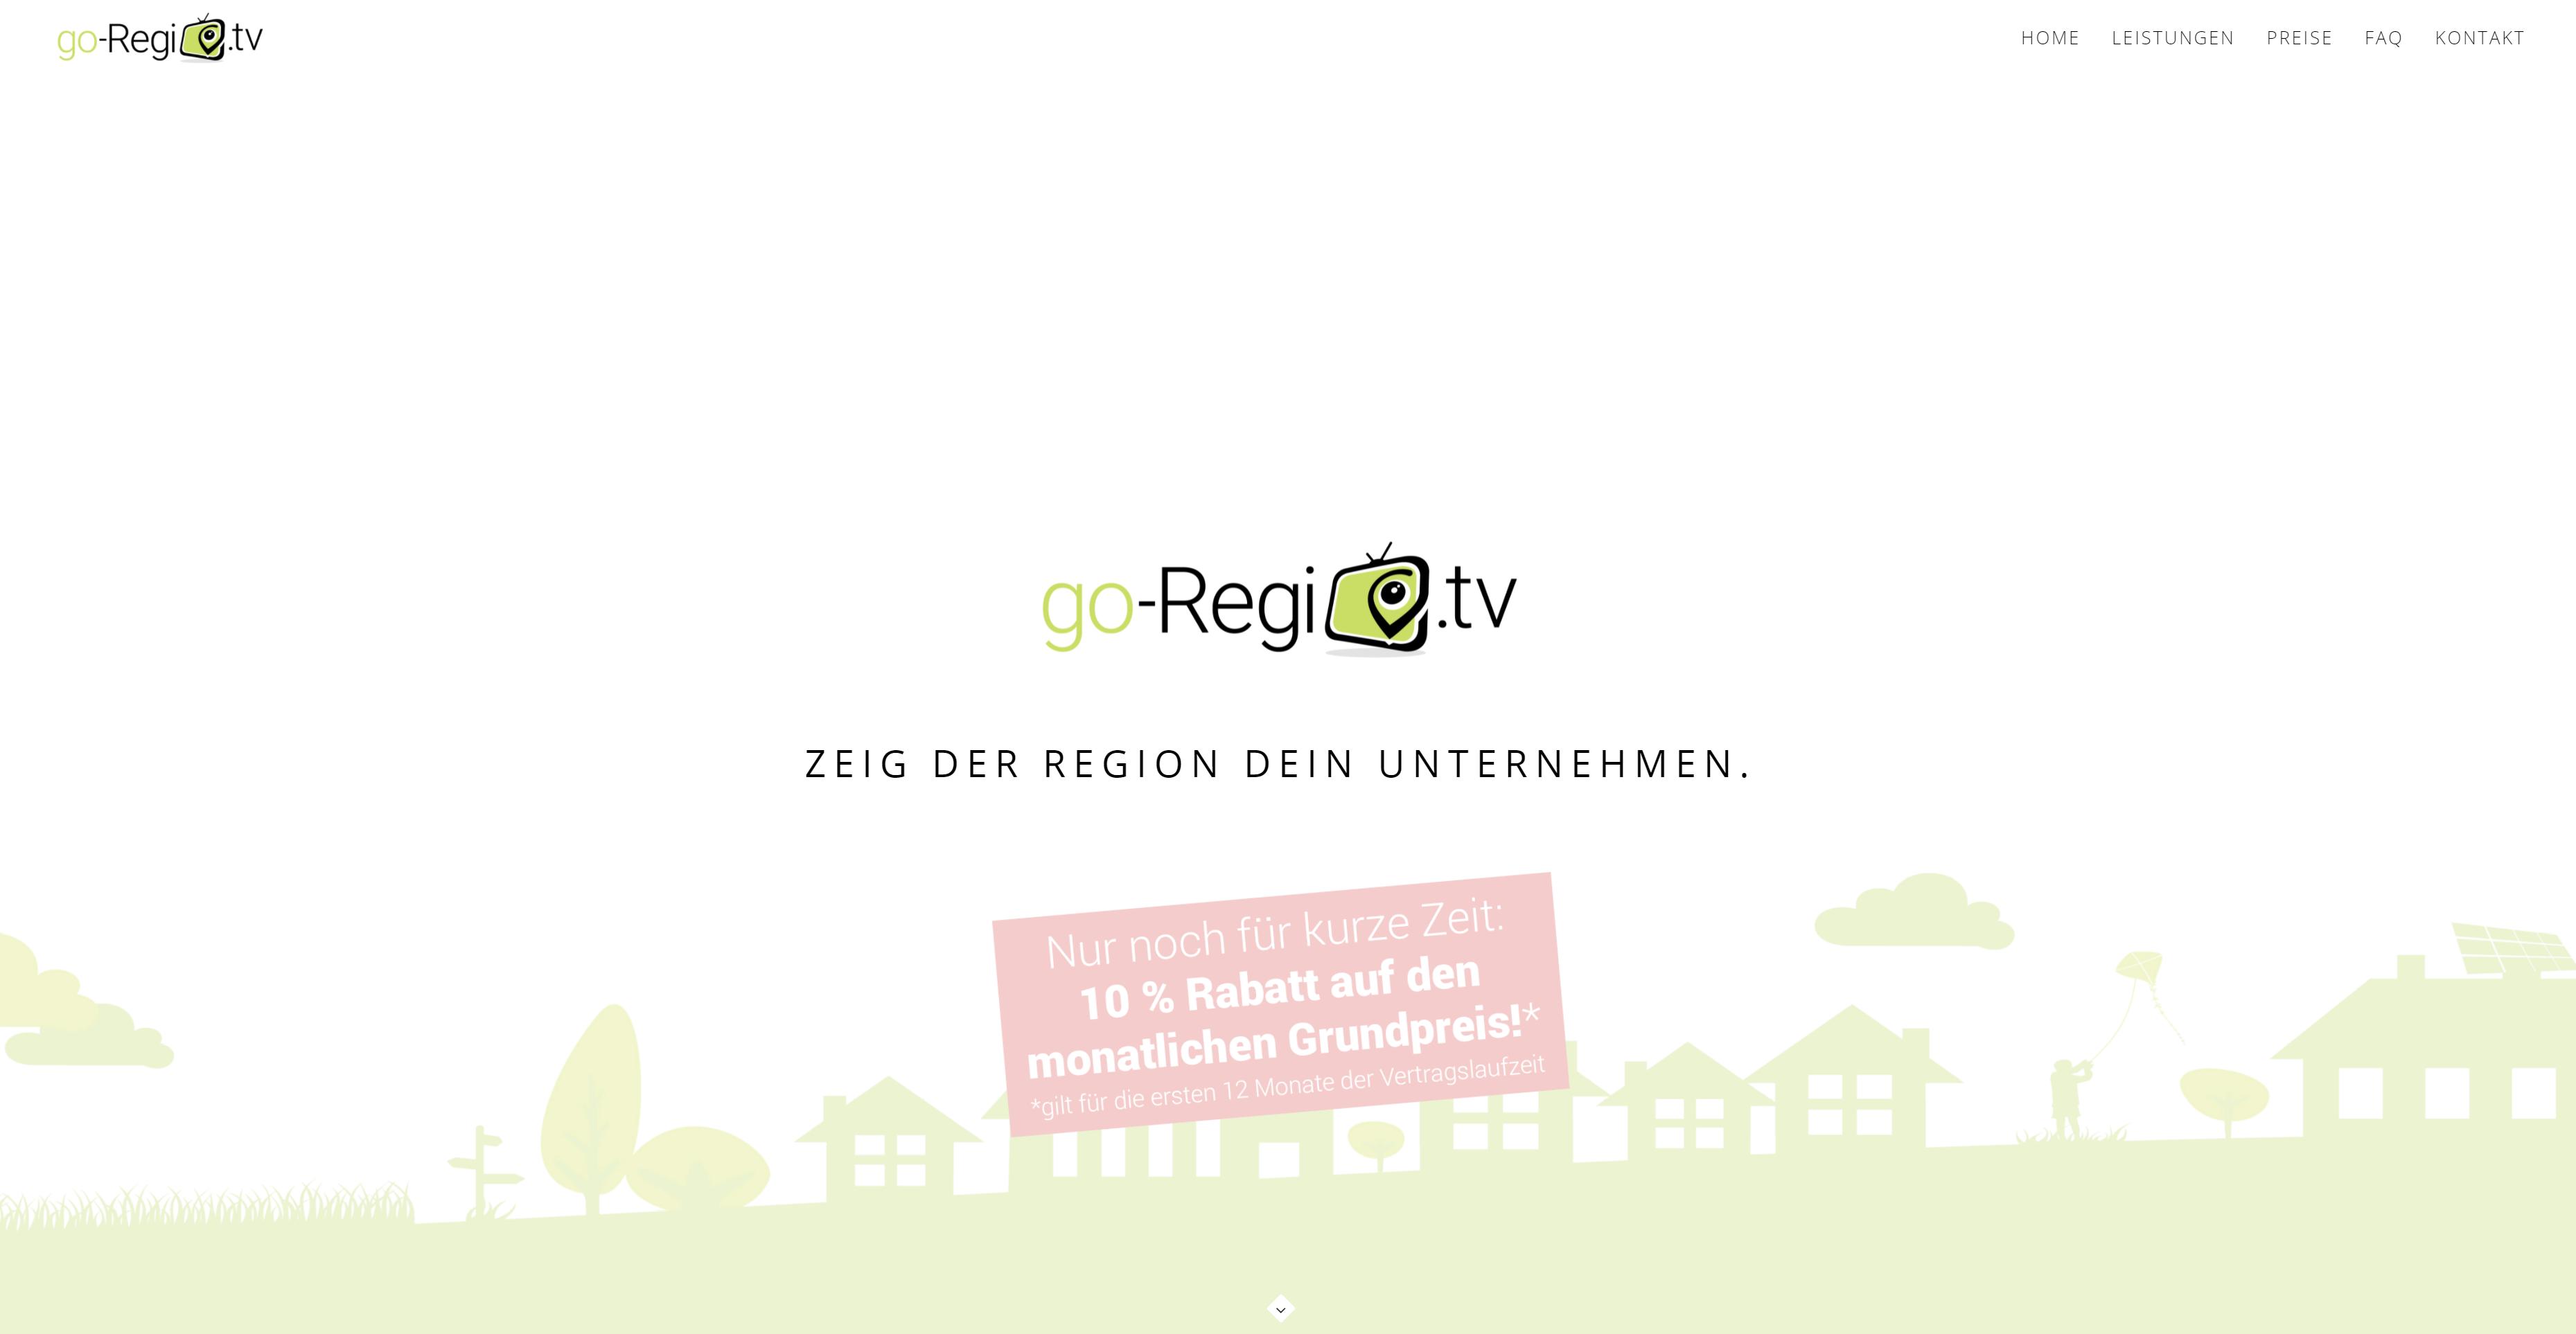 Go-Regio_seite